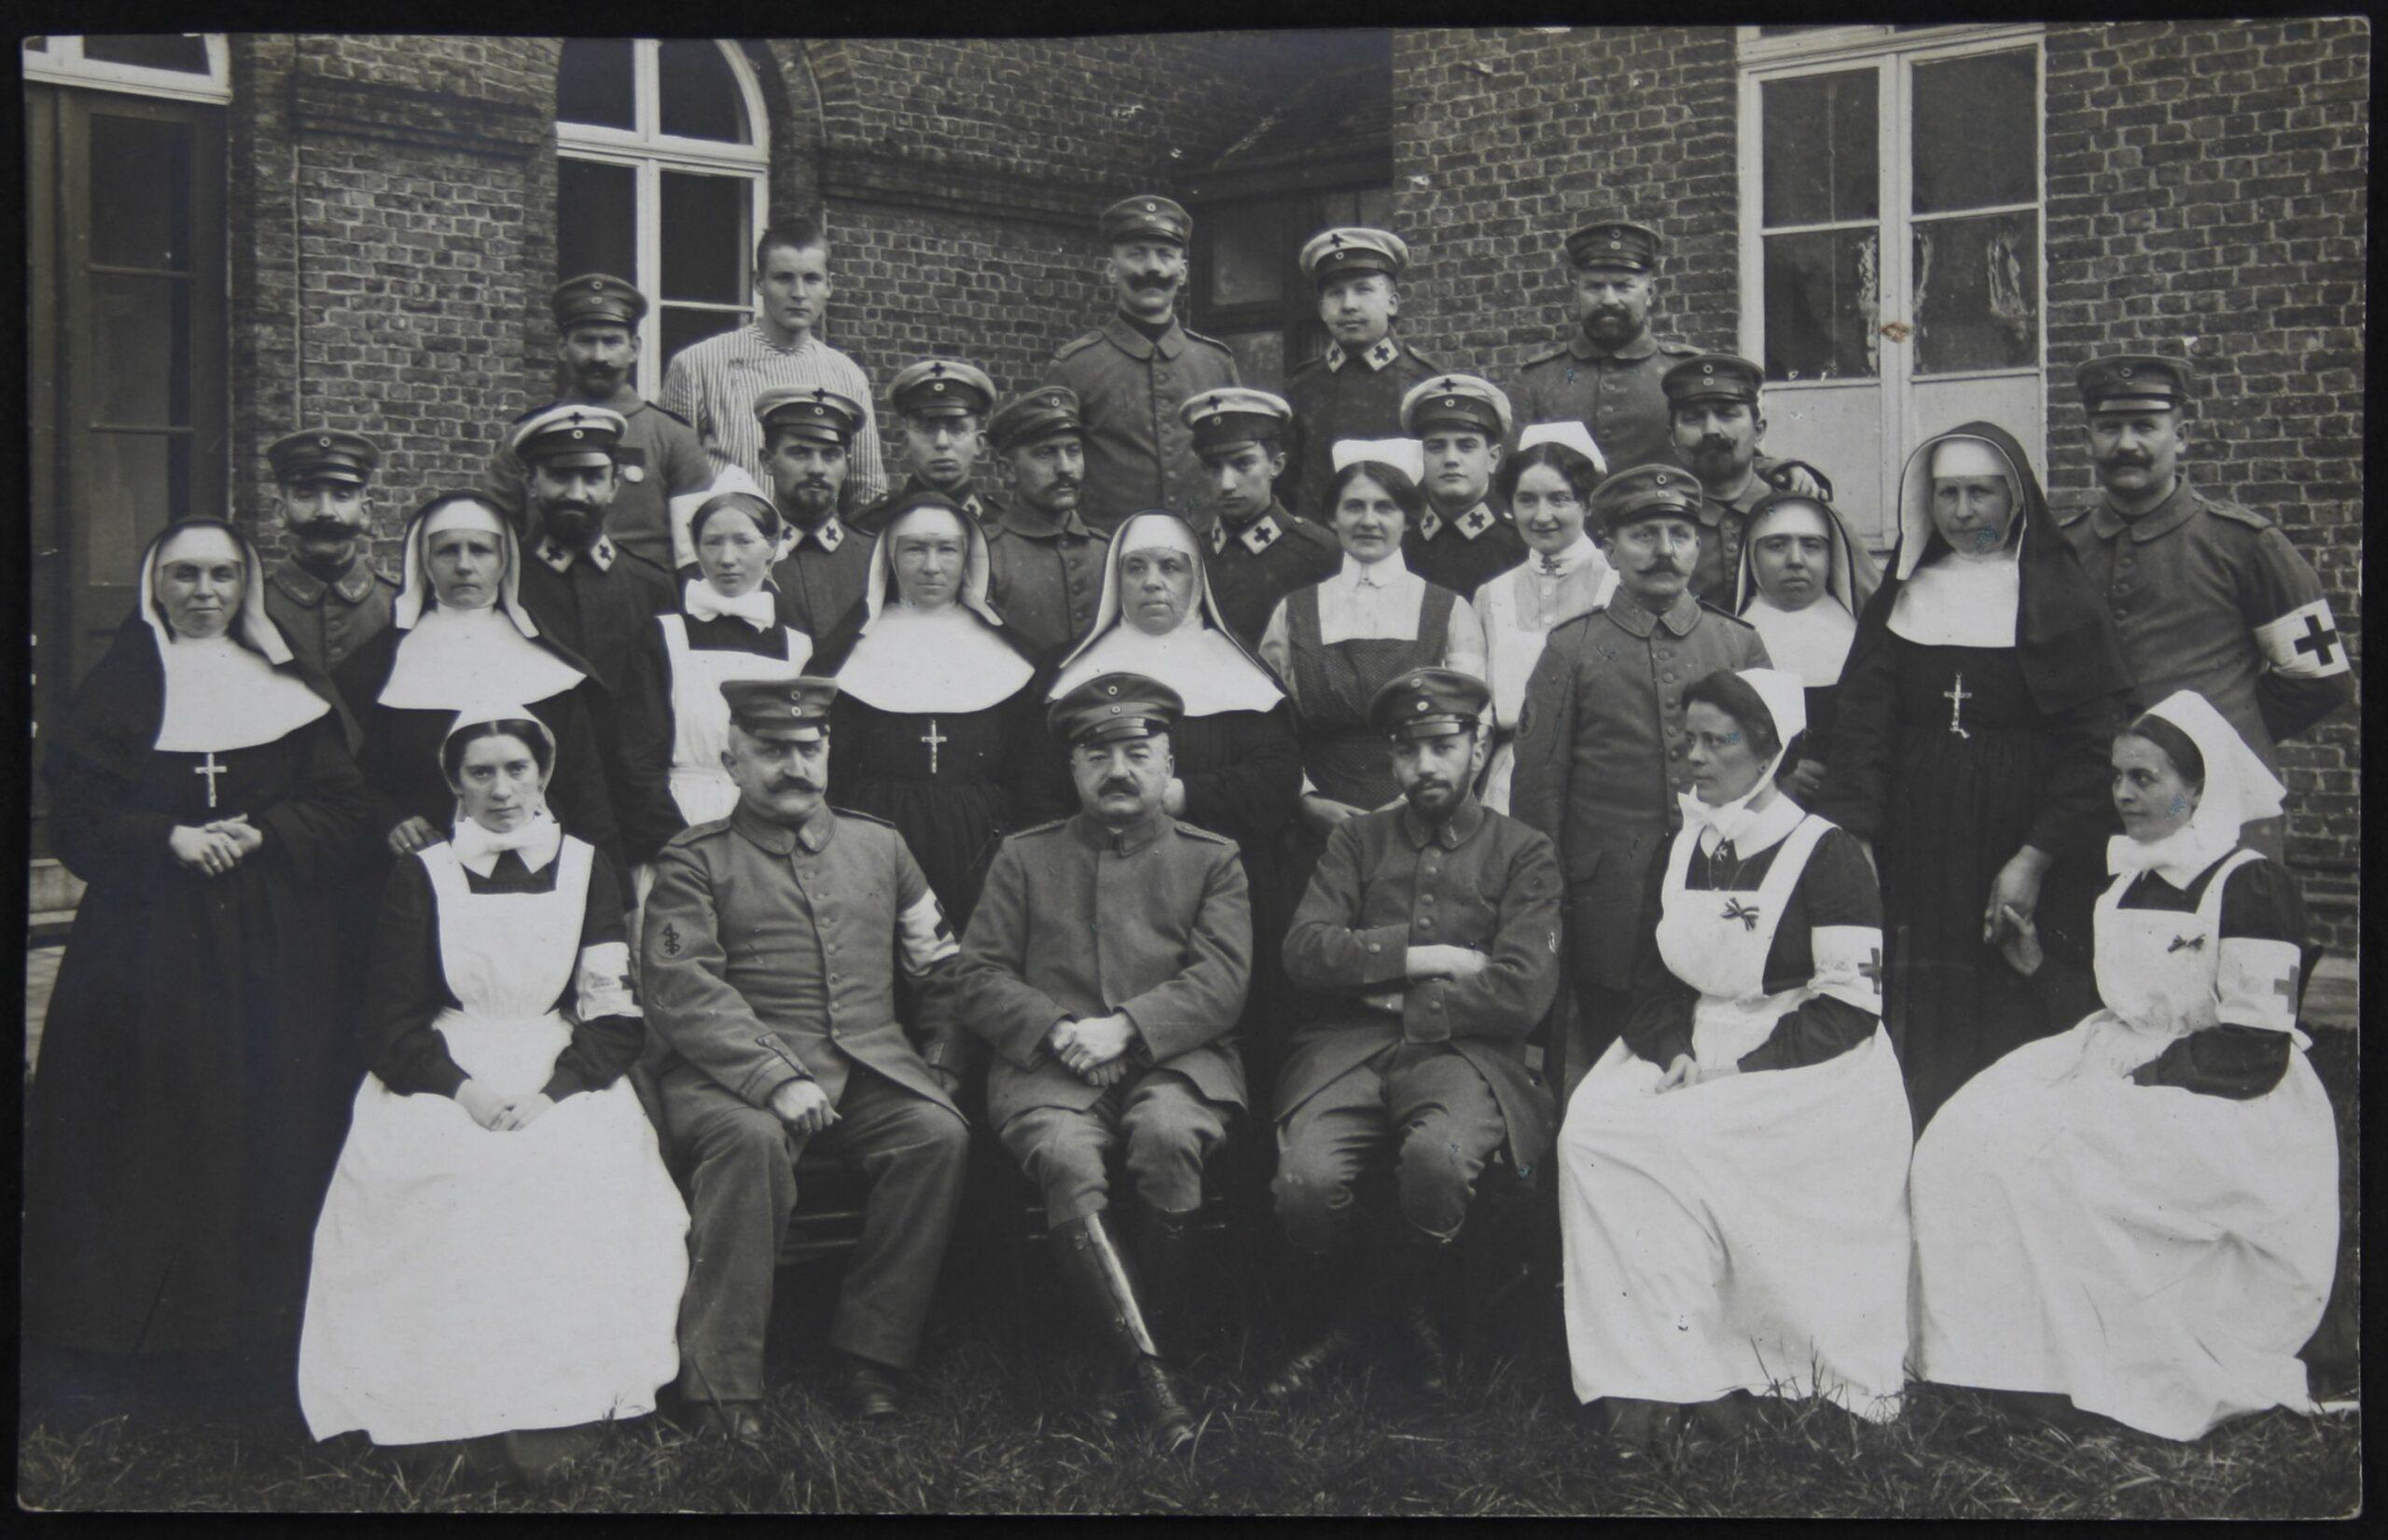 Gruppenfoto mit Max Litthauer, sitzend 3. von links, Lazarett Lille, 1917